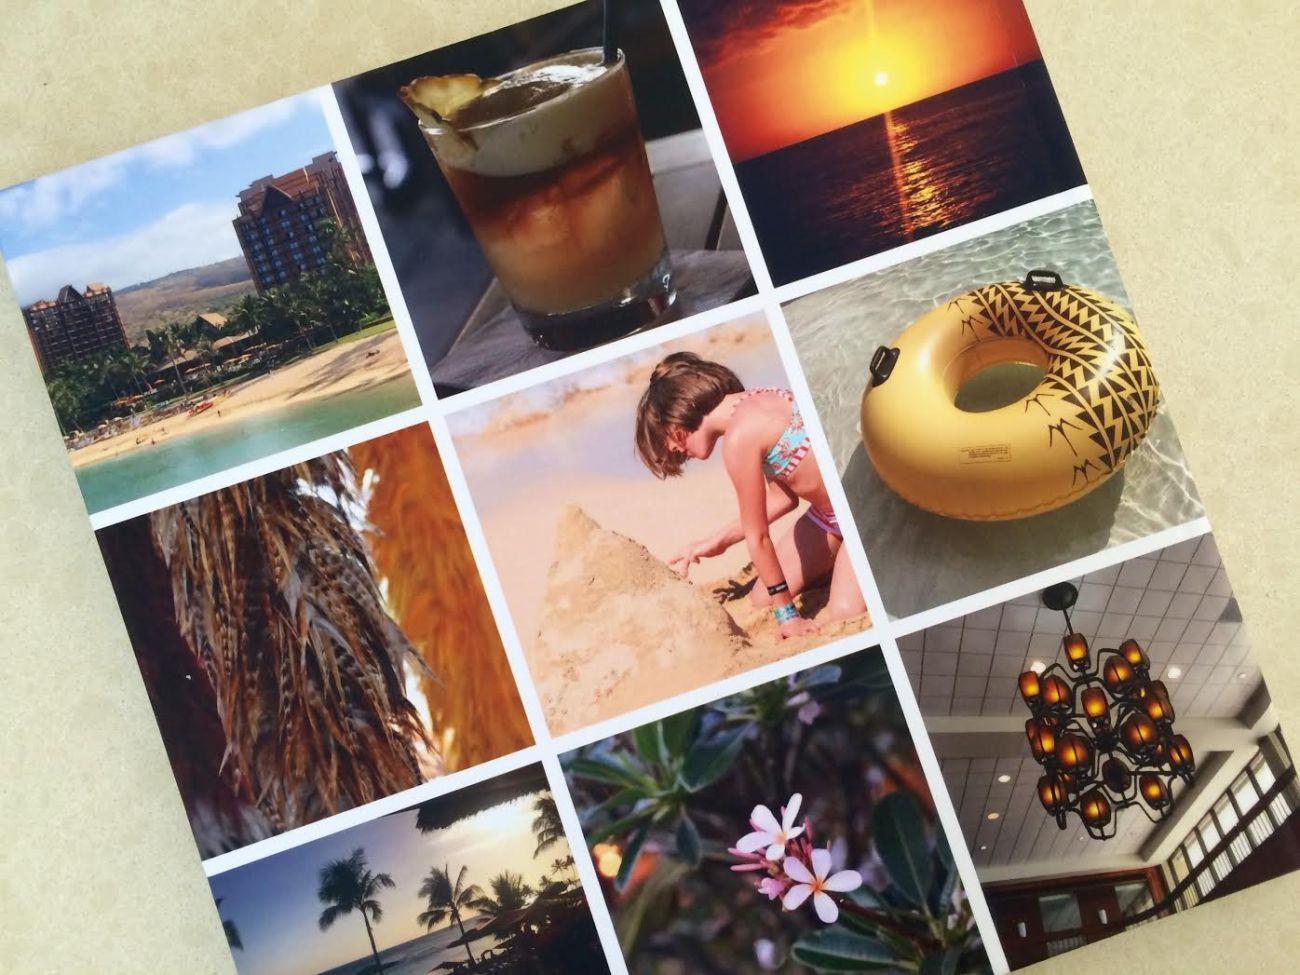 Snapfish 12 x 12 Travel Book | The JetSet Family